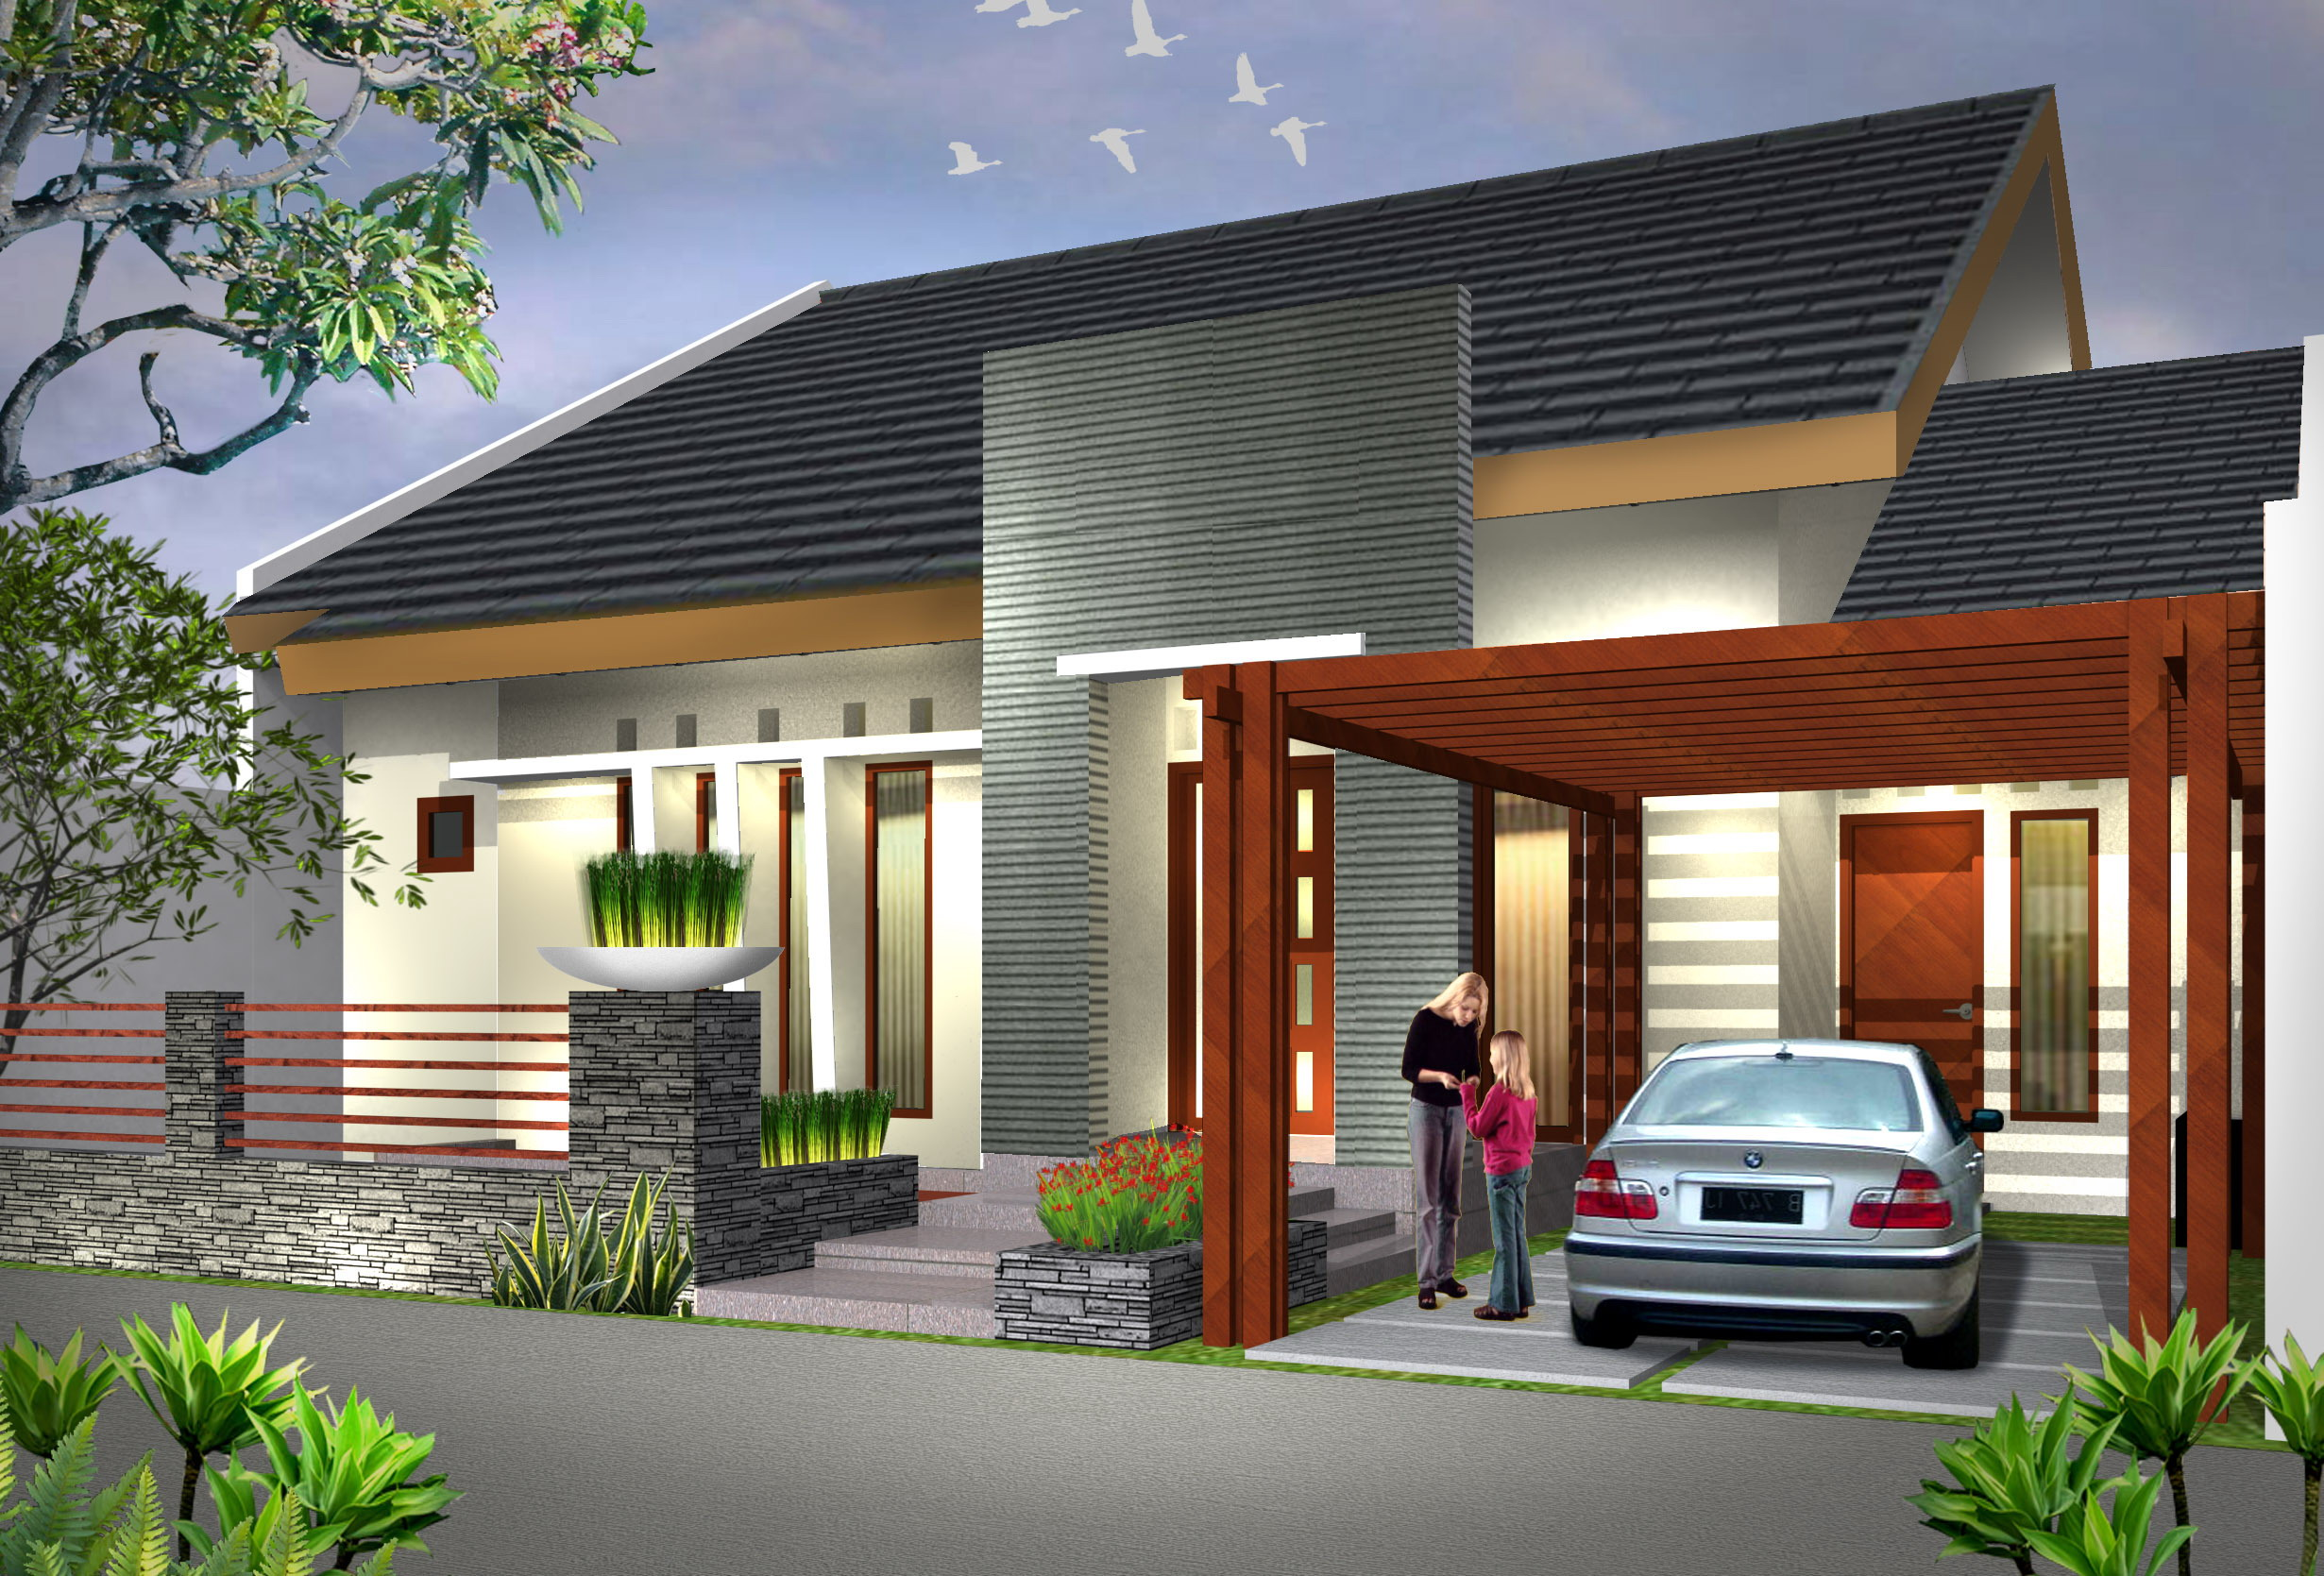 10 Desain Rumah Minimalis Modern Terbaik